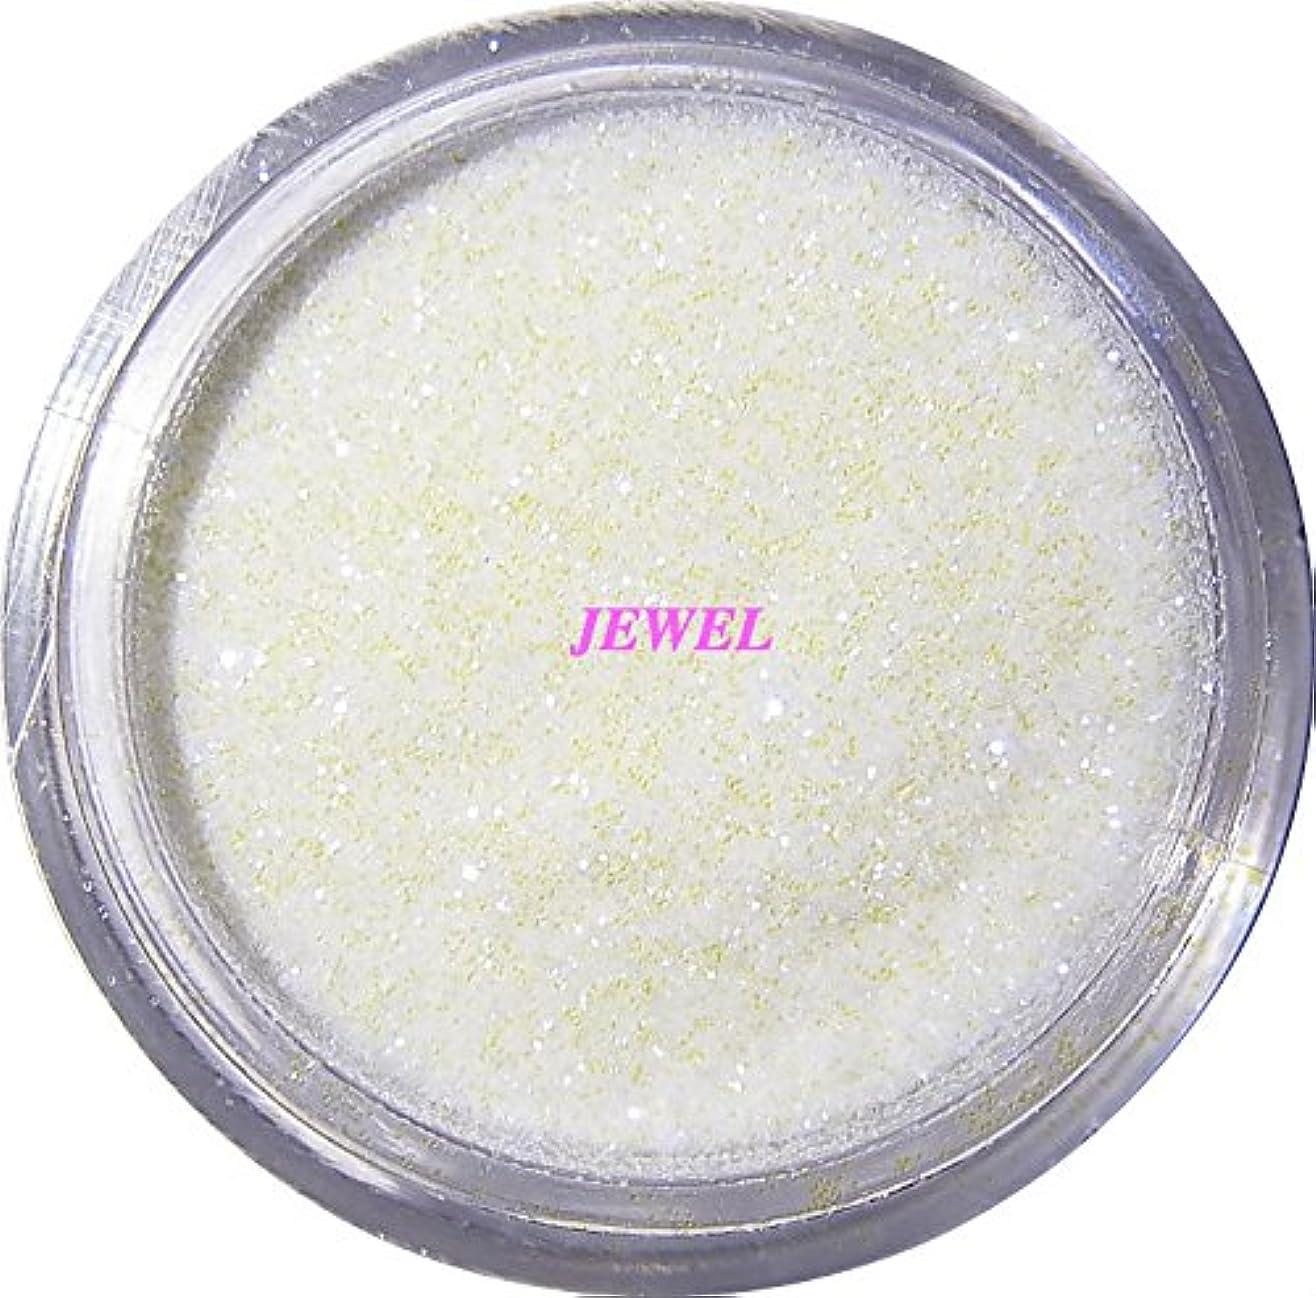 約束する電話に出るポーズ【jewel】 超微粒子ラメパウダー(白/パールホワイト) 256/1サイズ 2g入り グリッター レジン&ネイル用